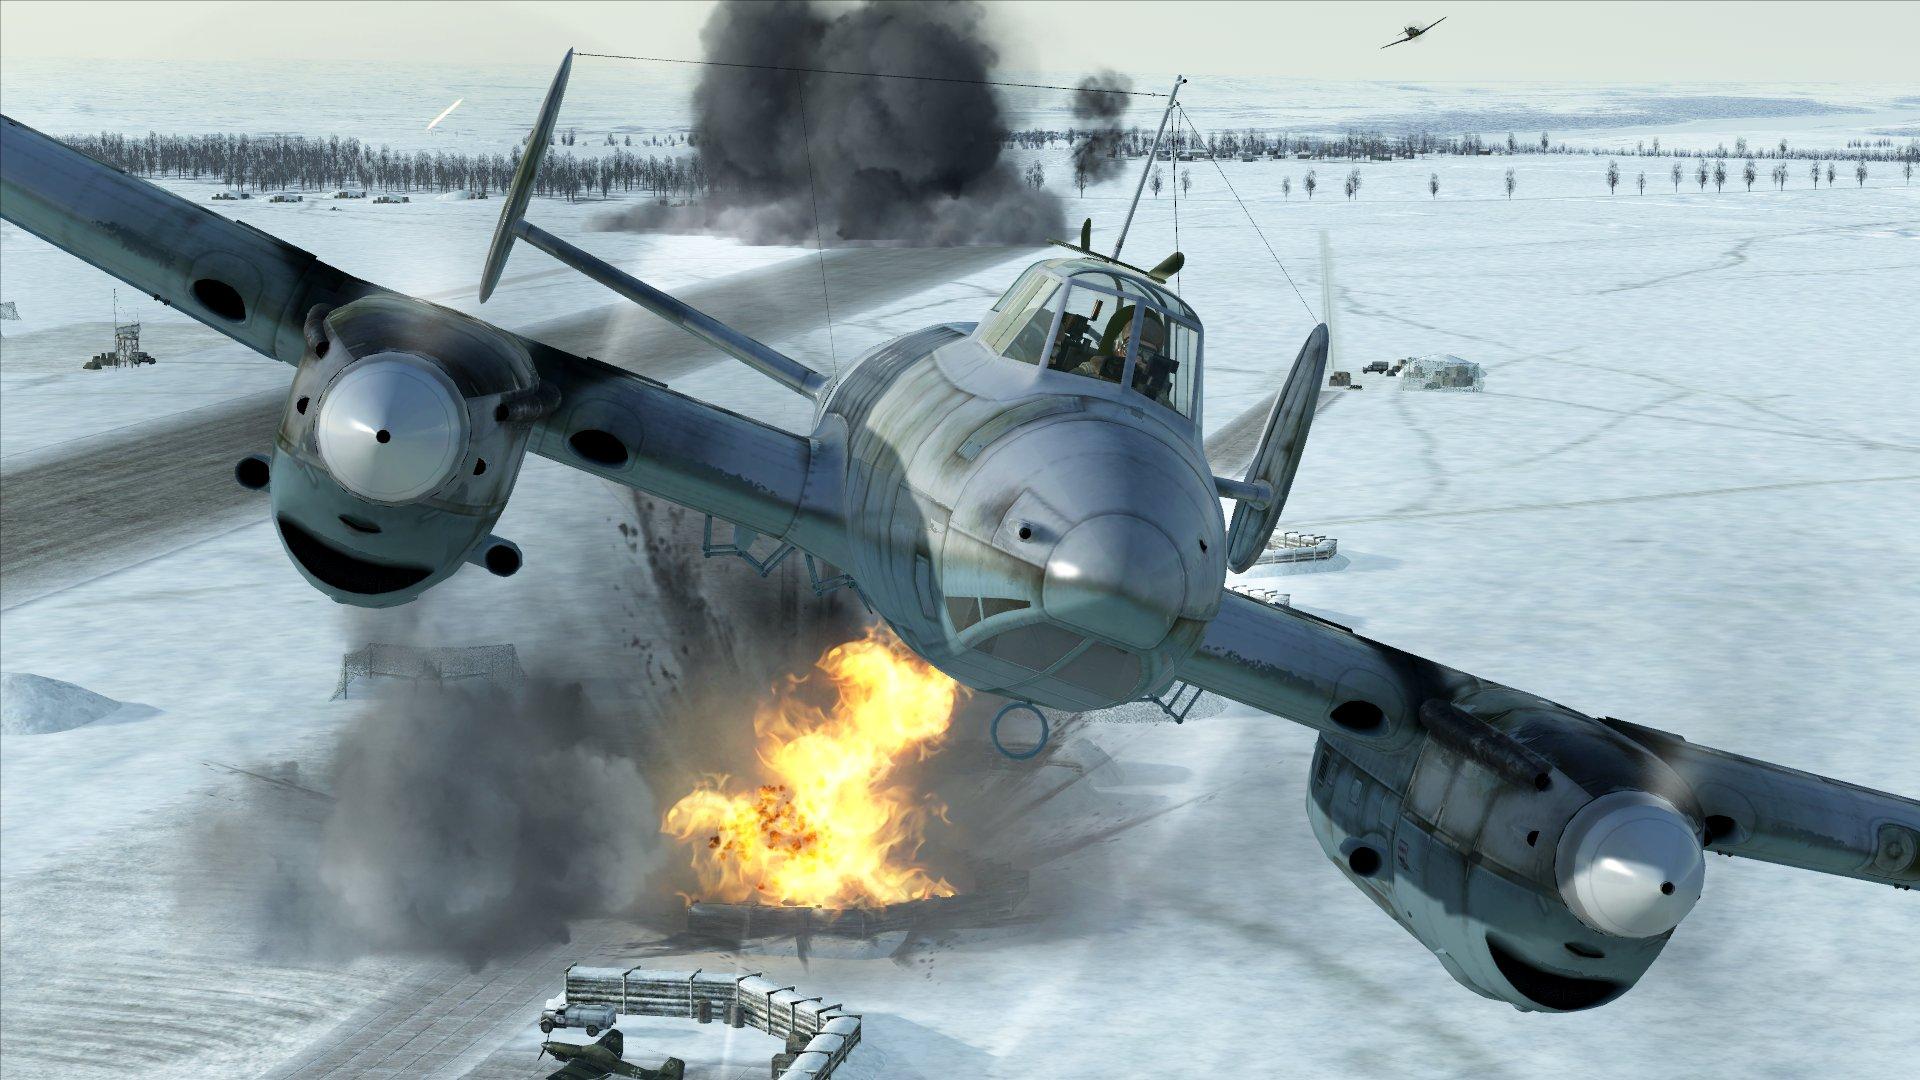 High Resolution Wallpaper | IL-2 Sturmovik: Battle Of Stalingrad 1920x1080 px